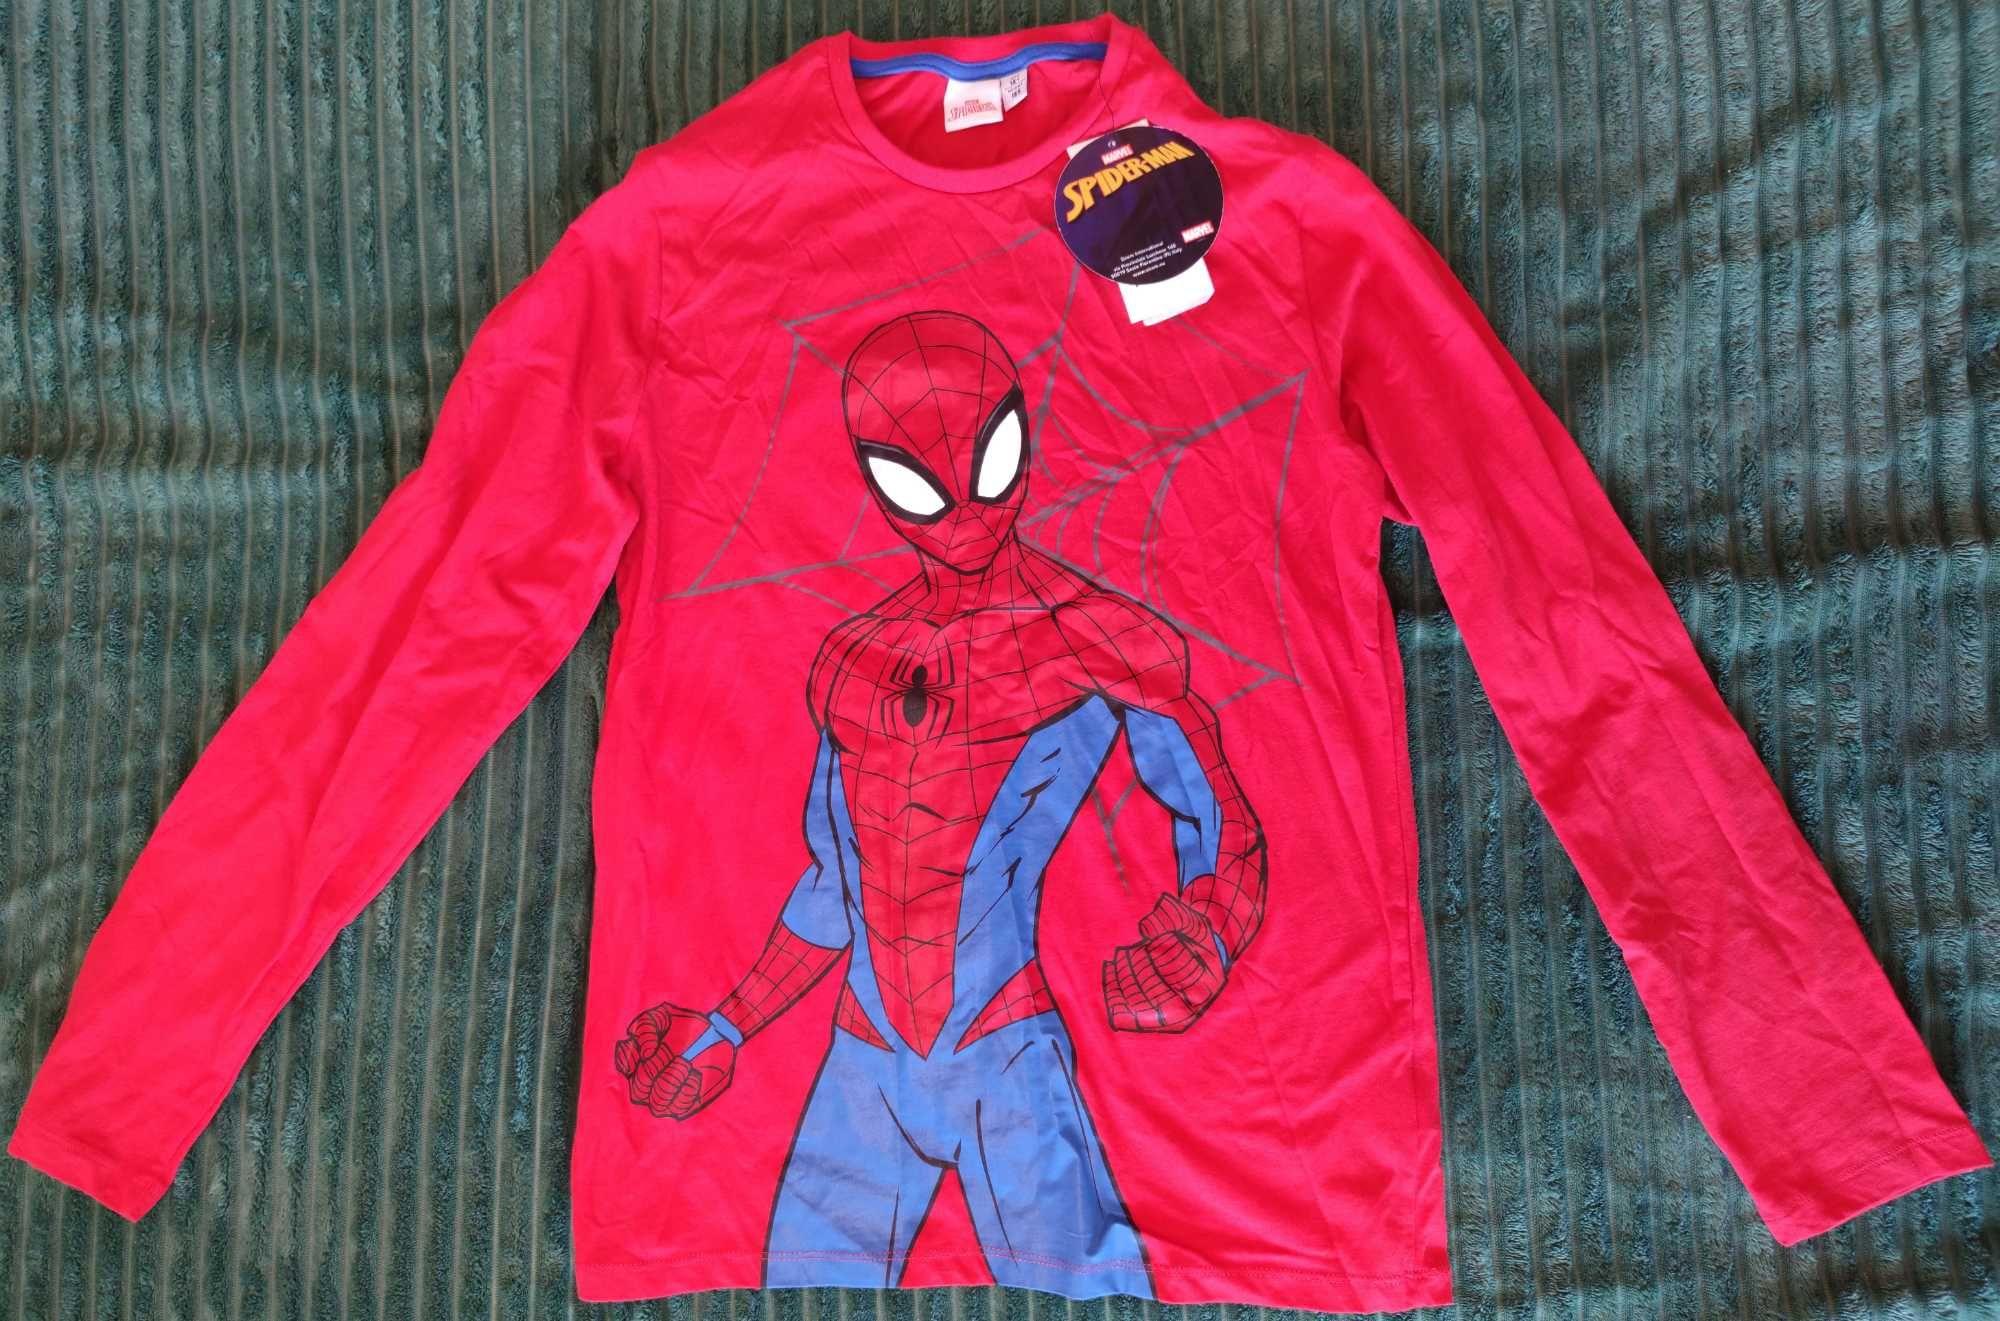 Кофта Лонгслив Гольф MARVEL Spider-Man Марвел Человек-паук 14+р.